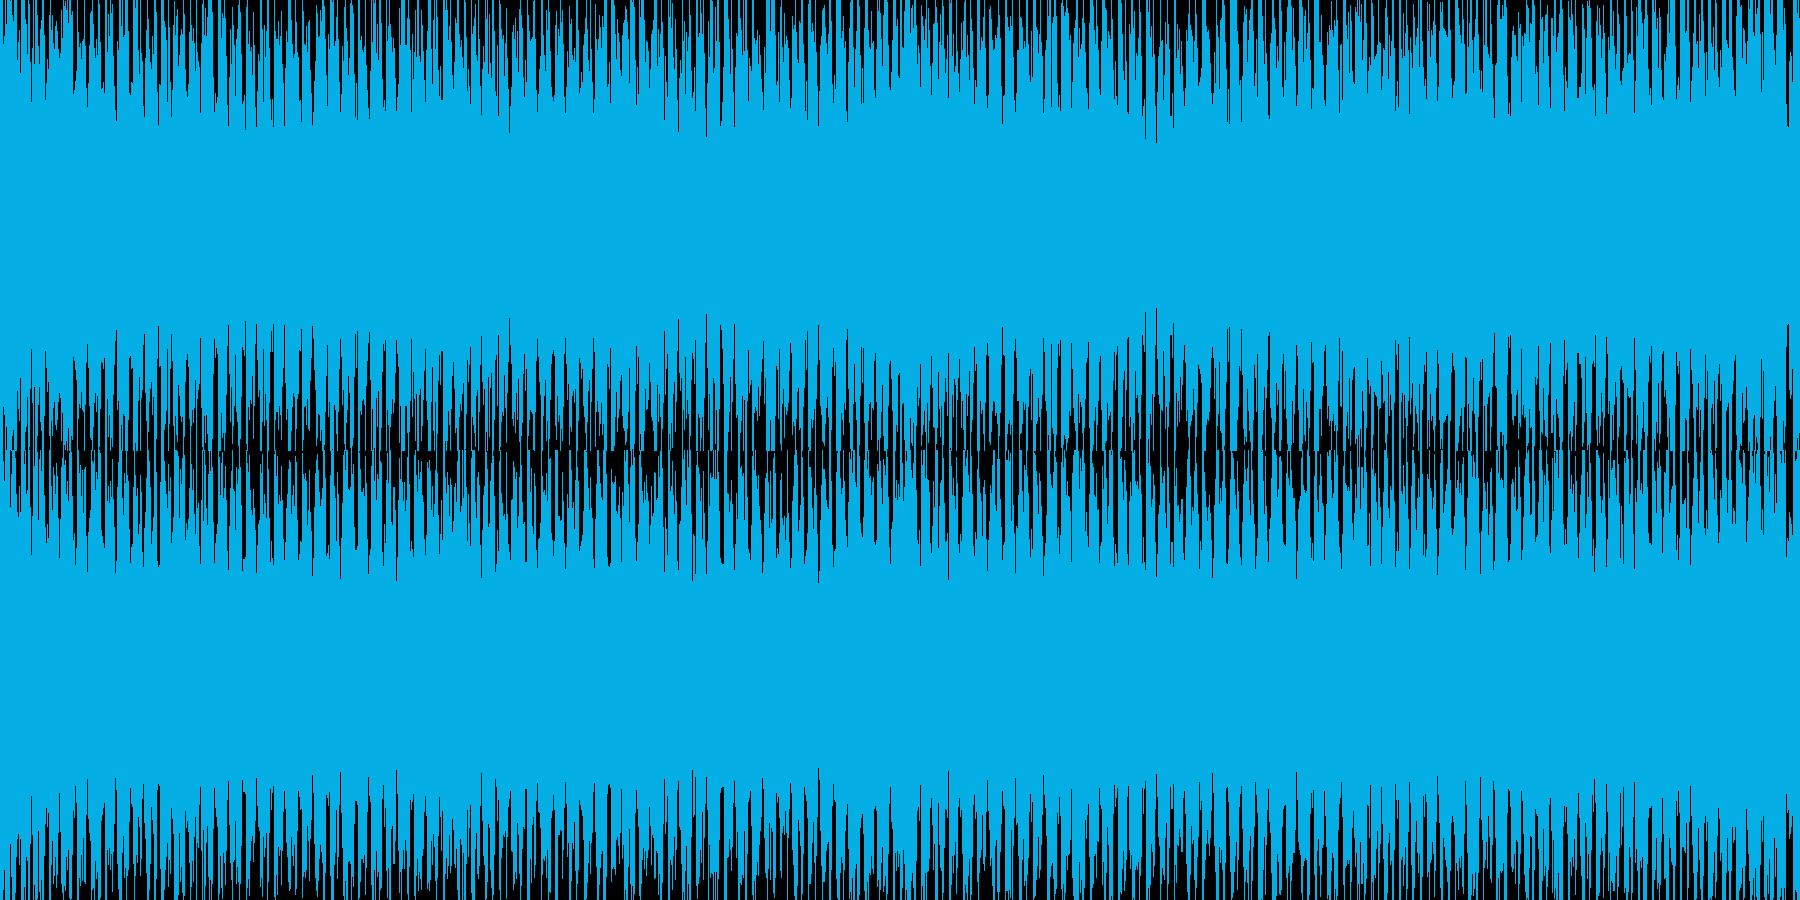 【EDMループ素材】企業・映像制作向きEの再生済みの波形